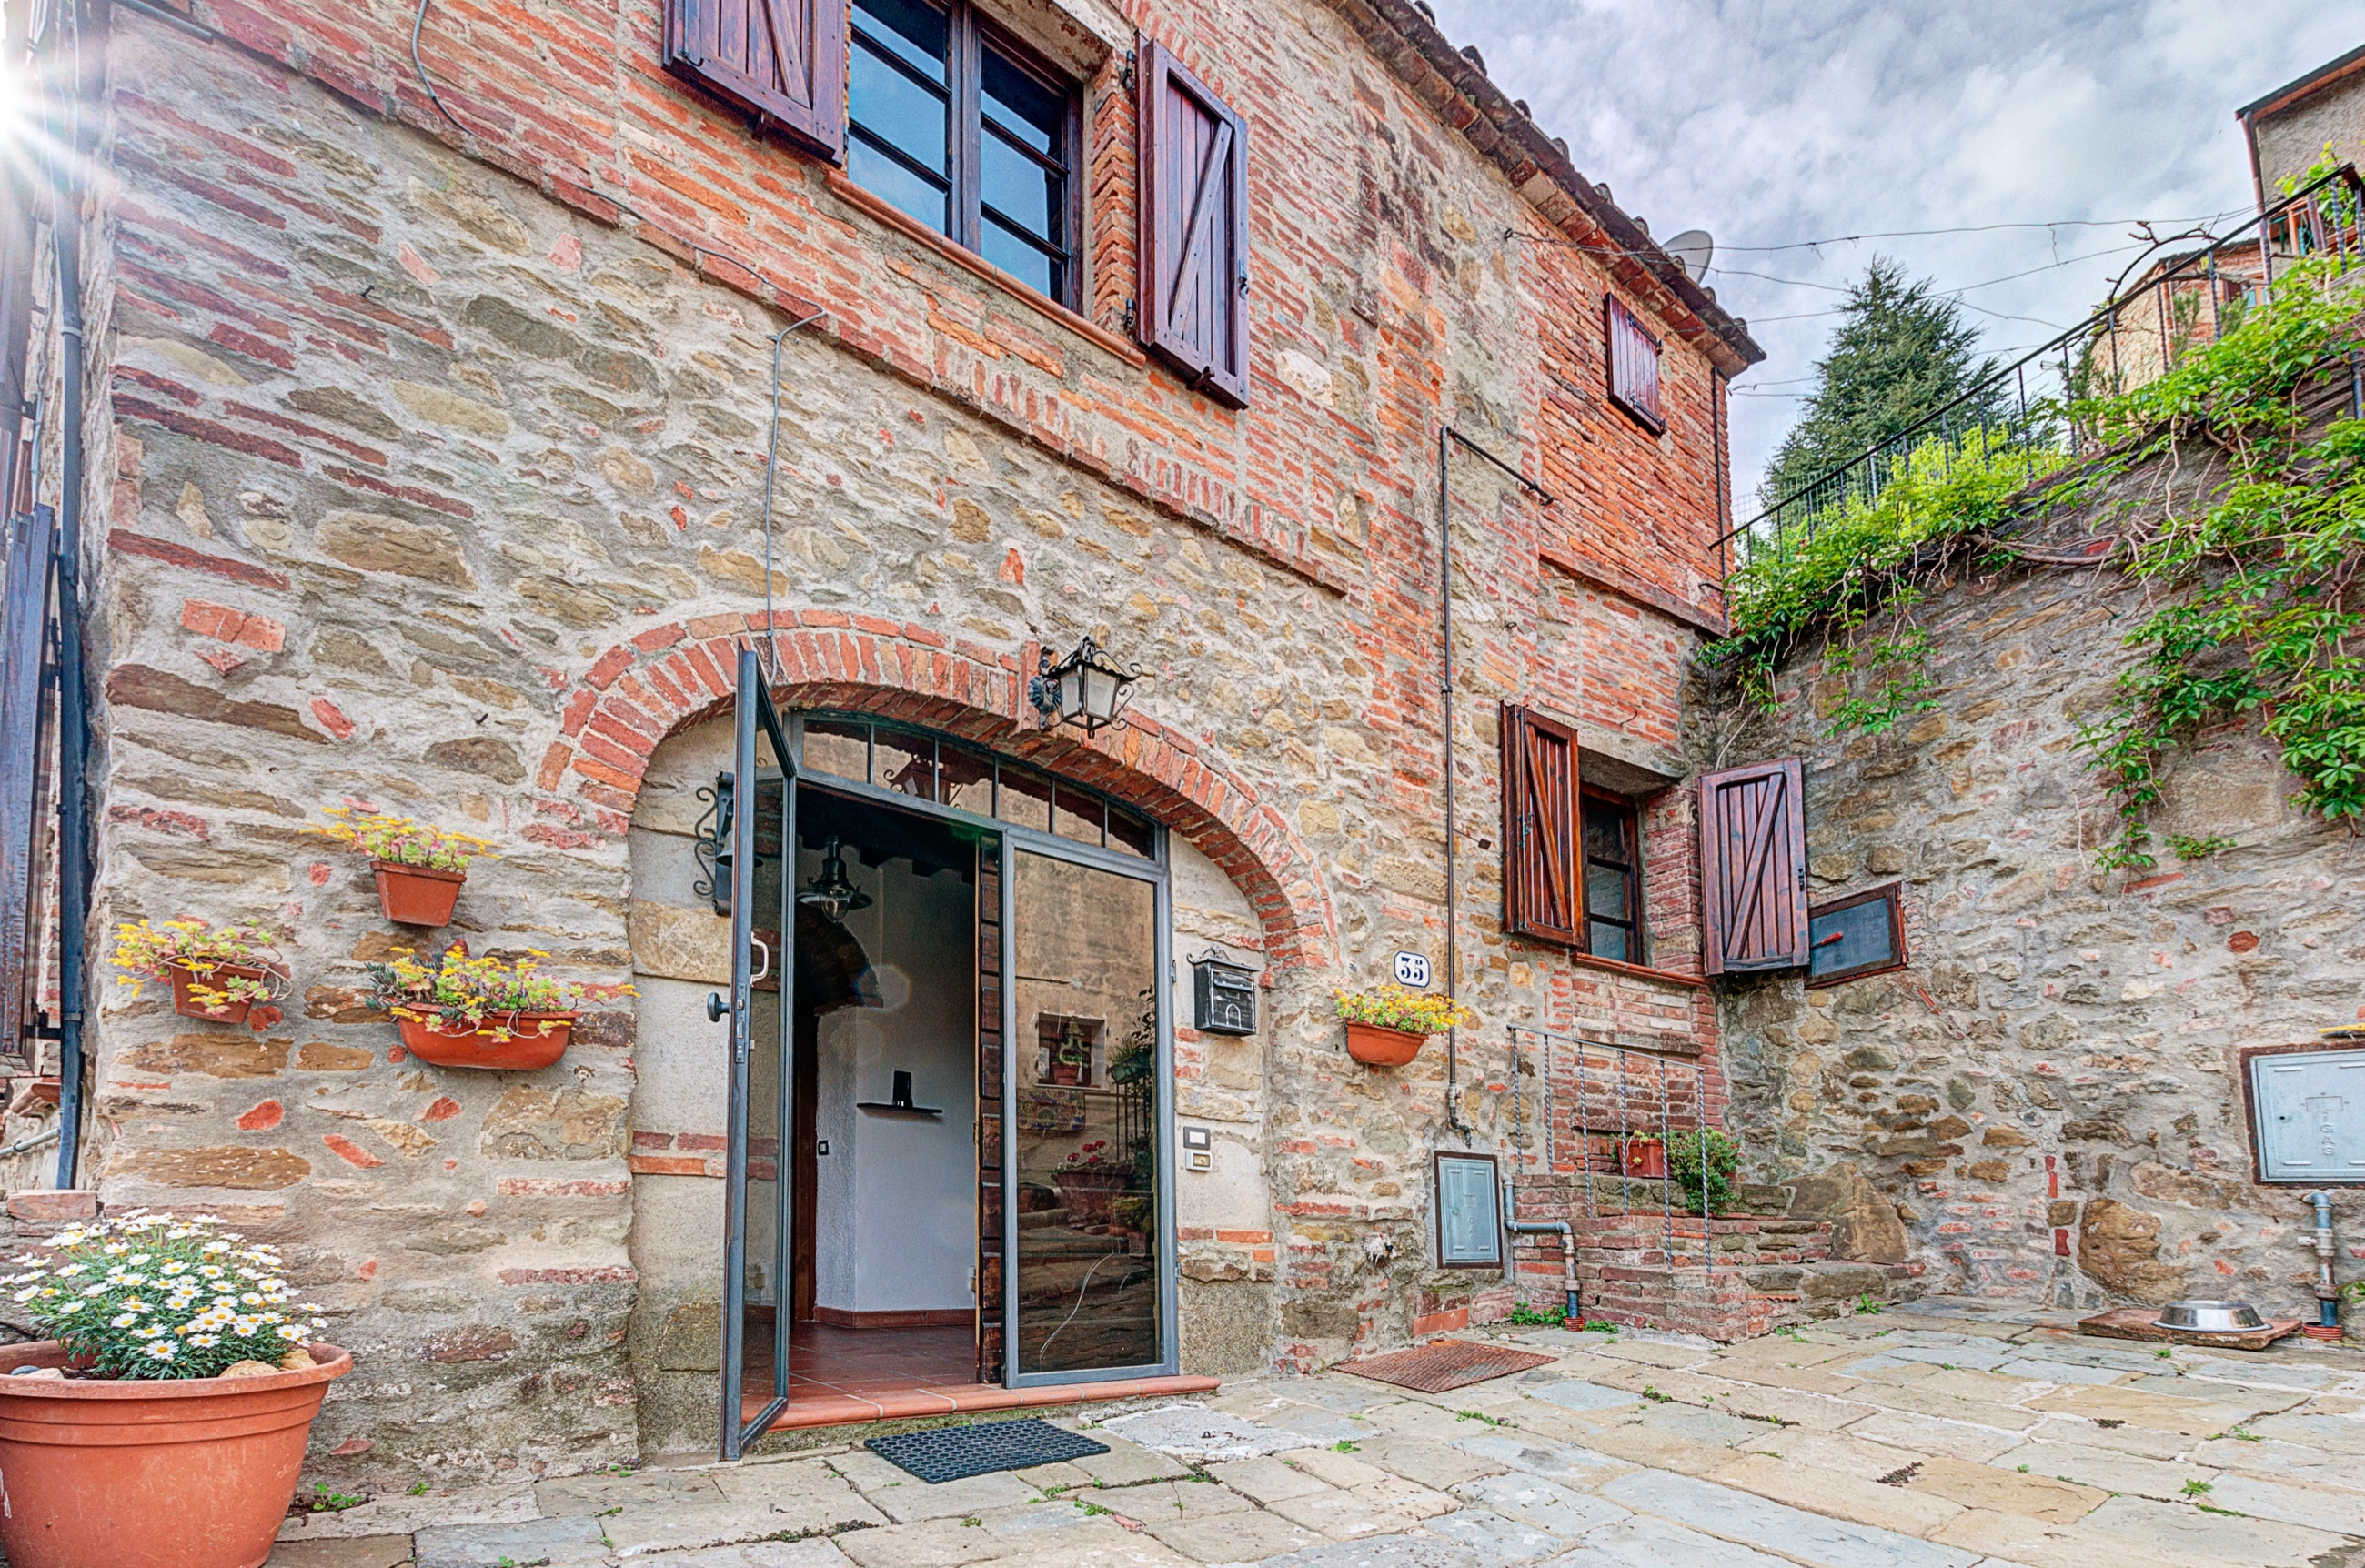 Hyr historiskt hus i Toscana